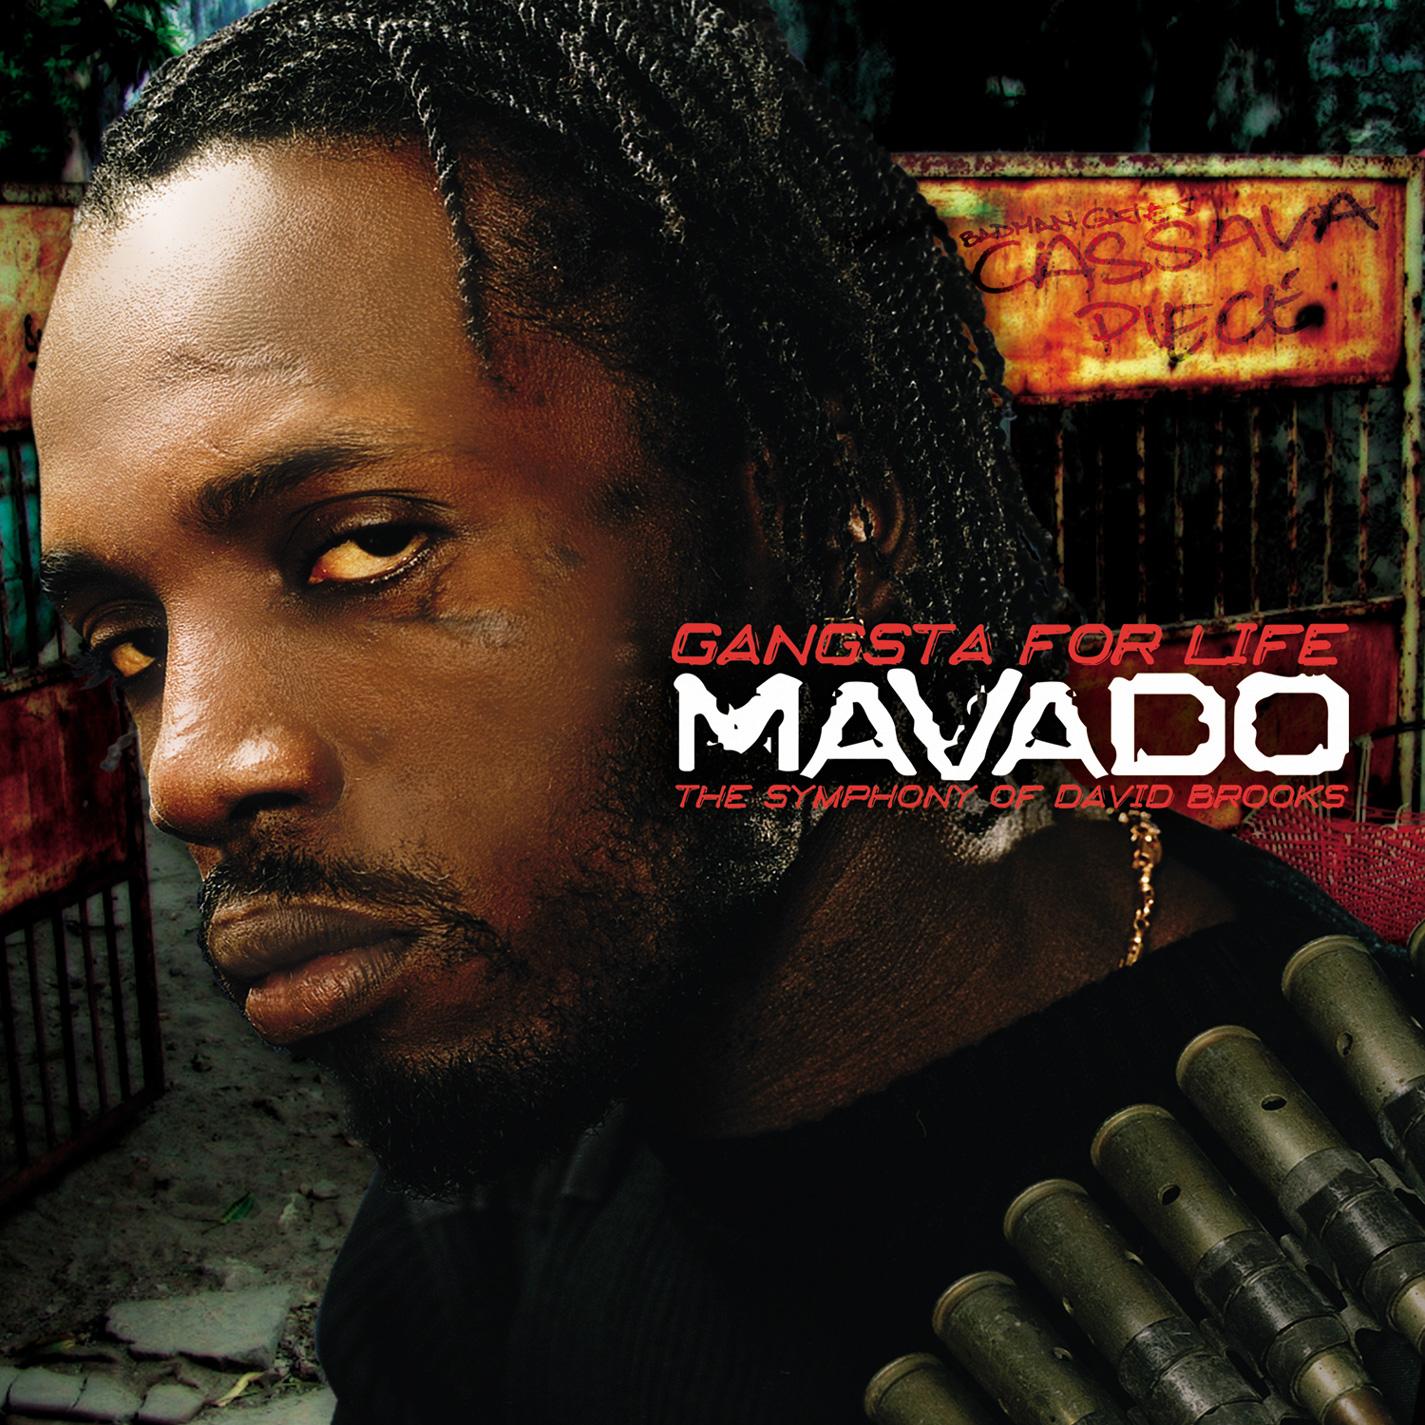 Mavado Gangsta For Life The Symphony Of David Brooks